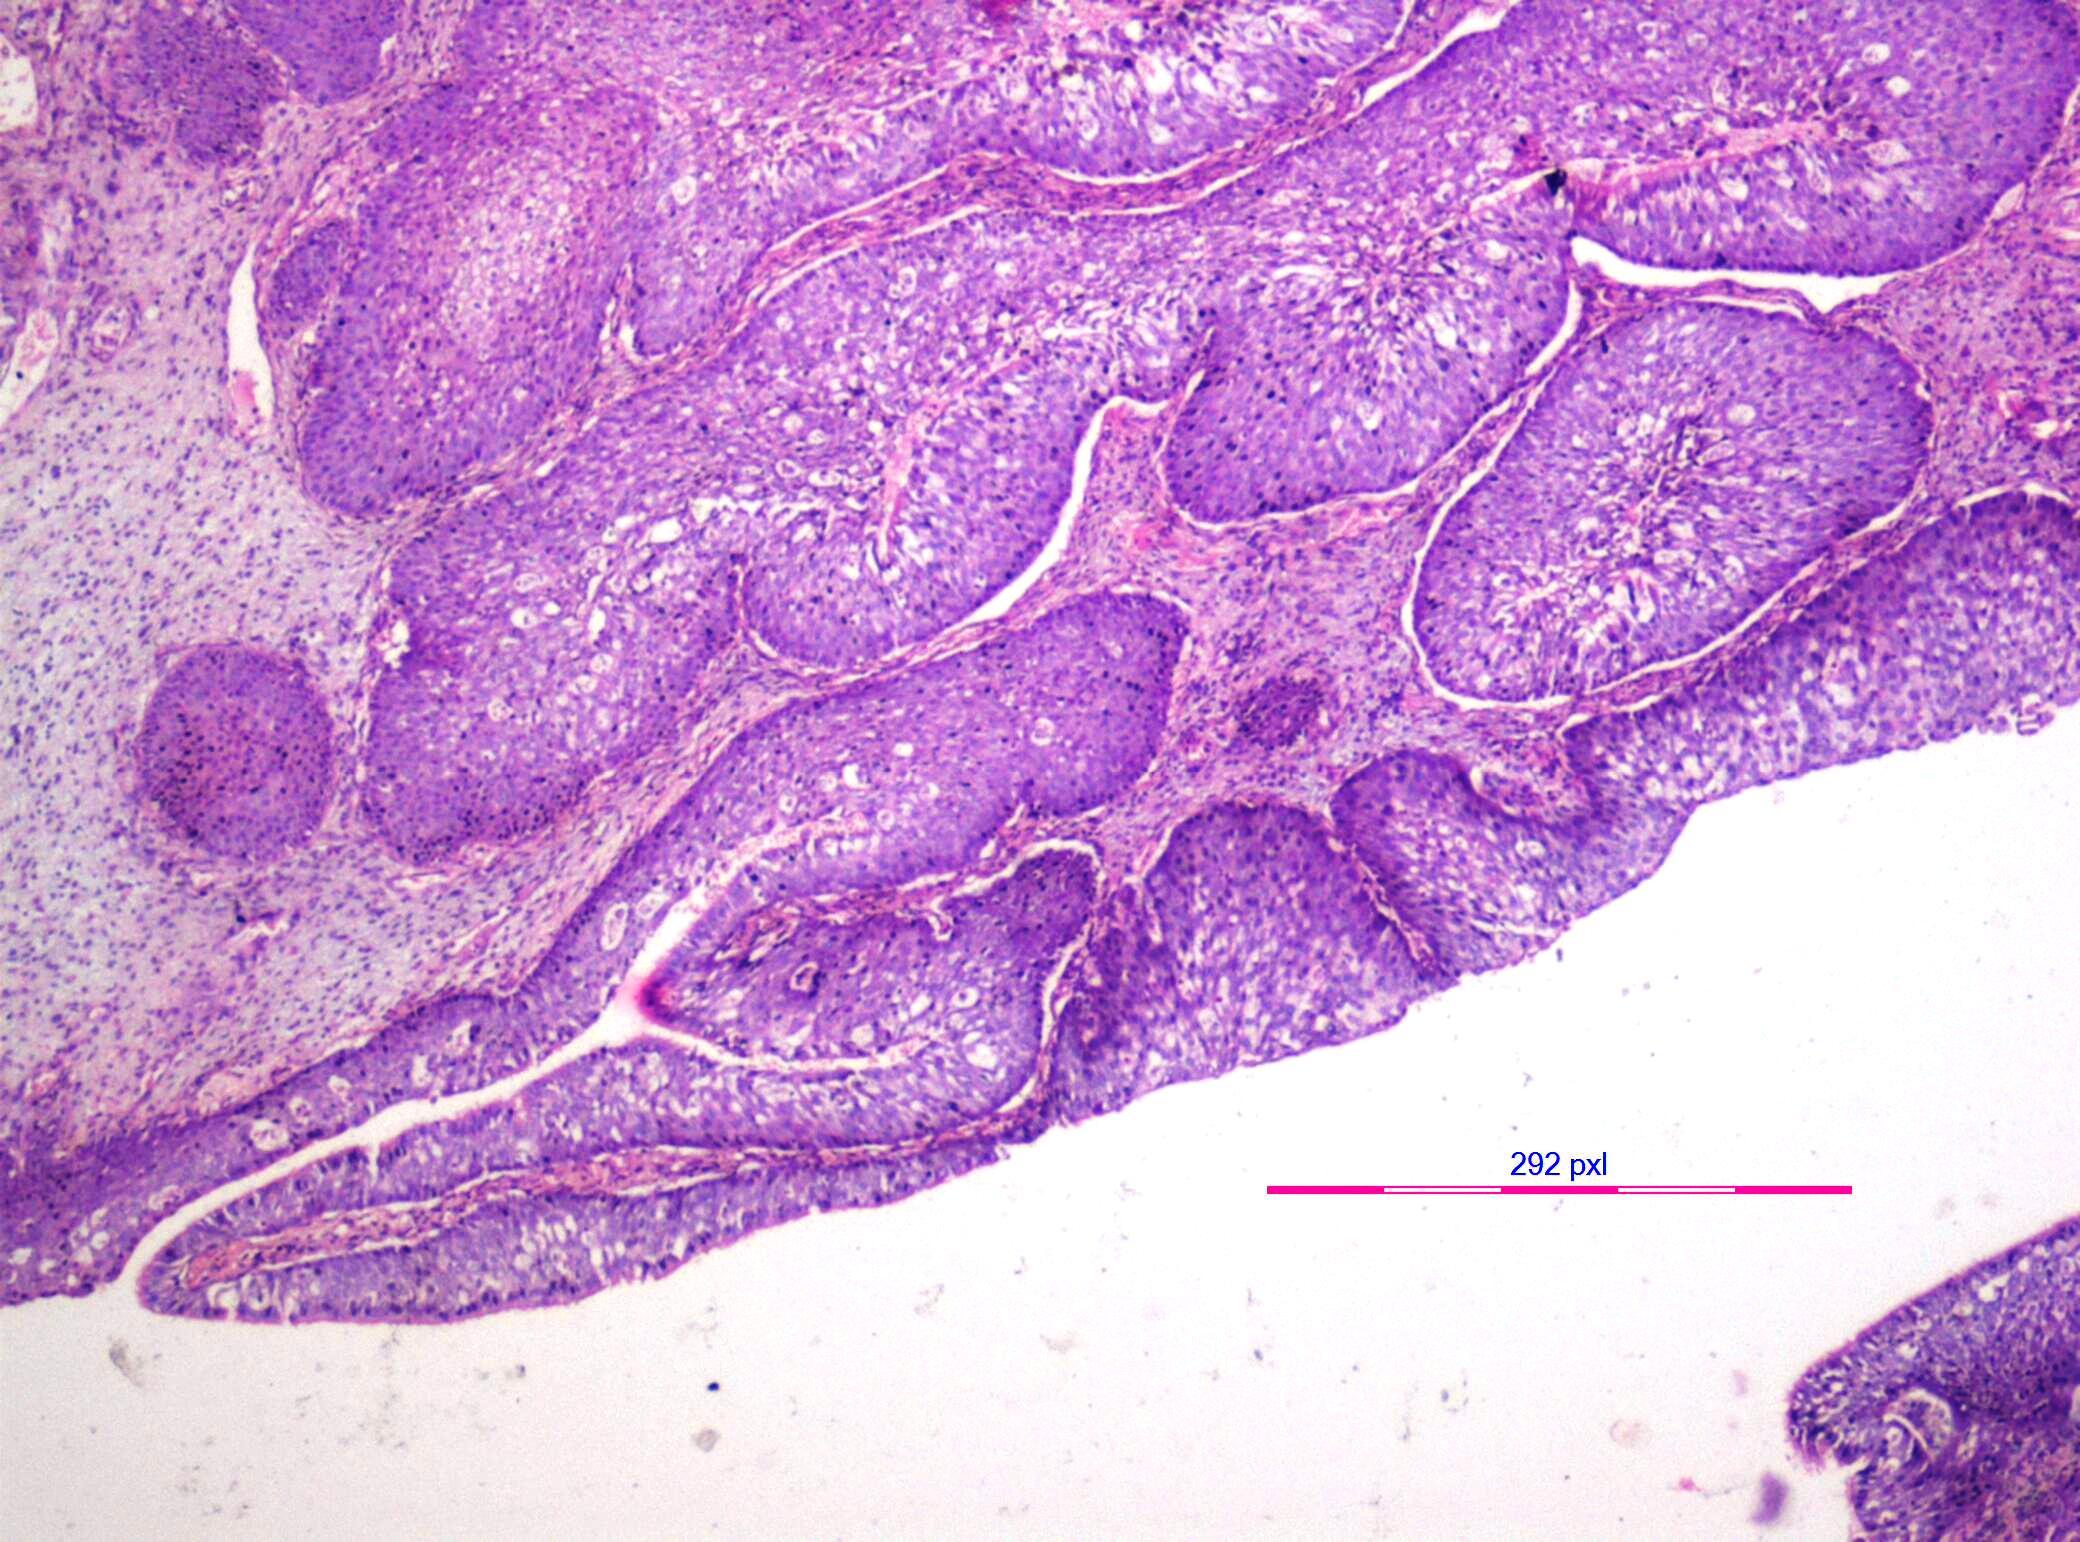 keratinizing squamous papilloma cancer ala faringe